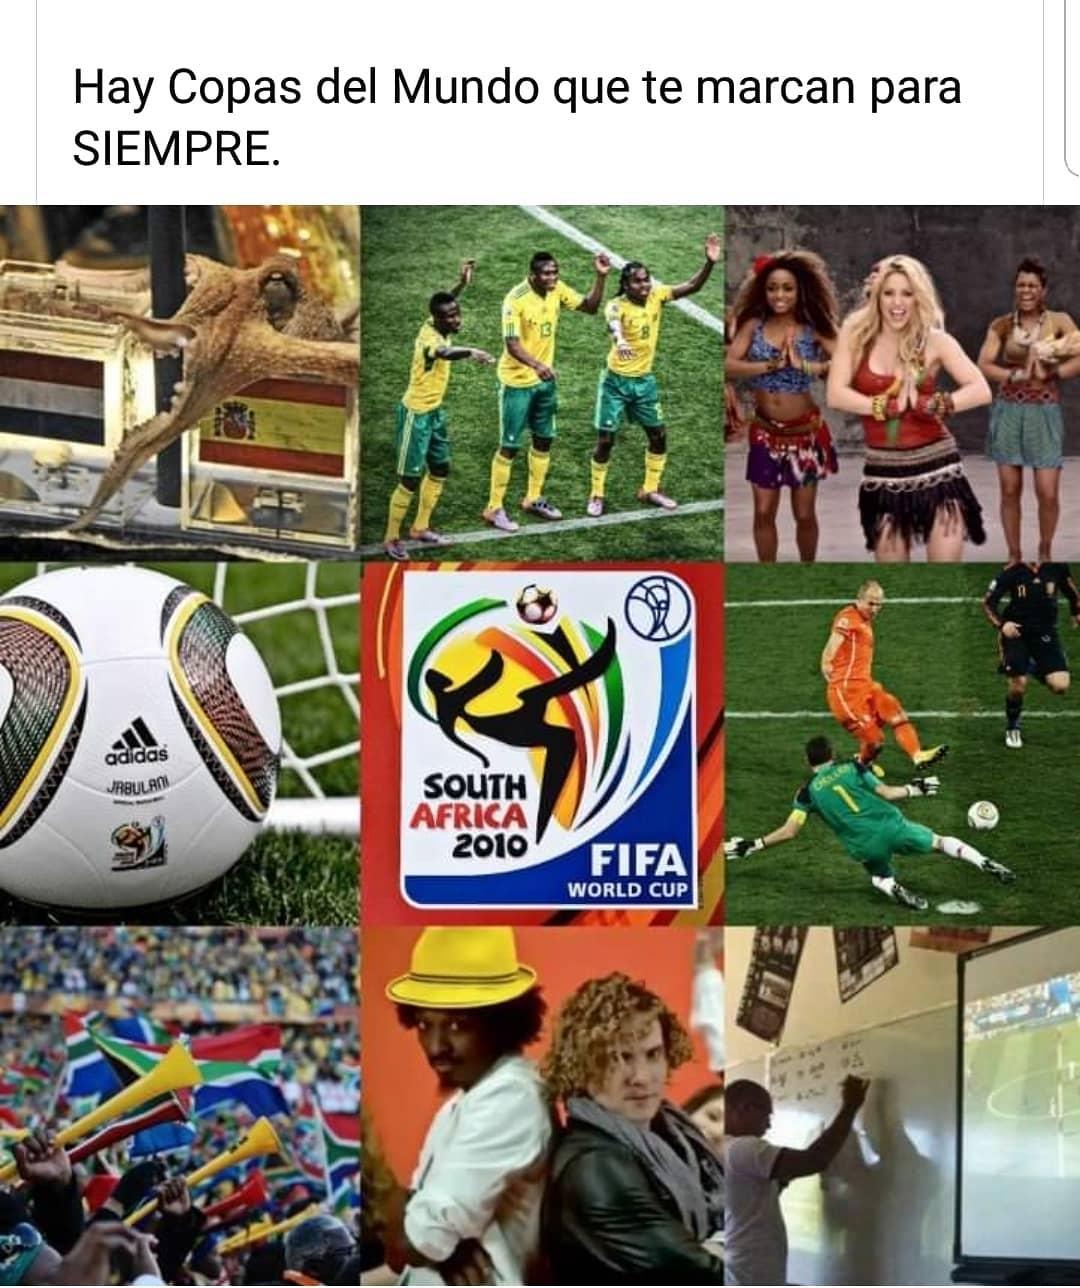 Hay Copas del Mundo que te marcan para siempre.